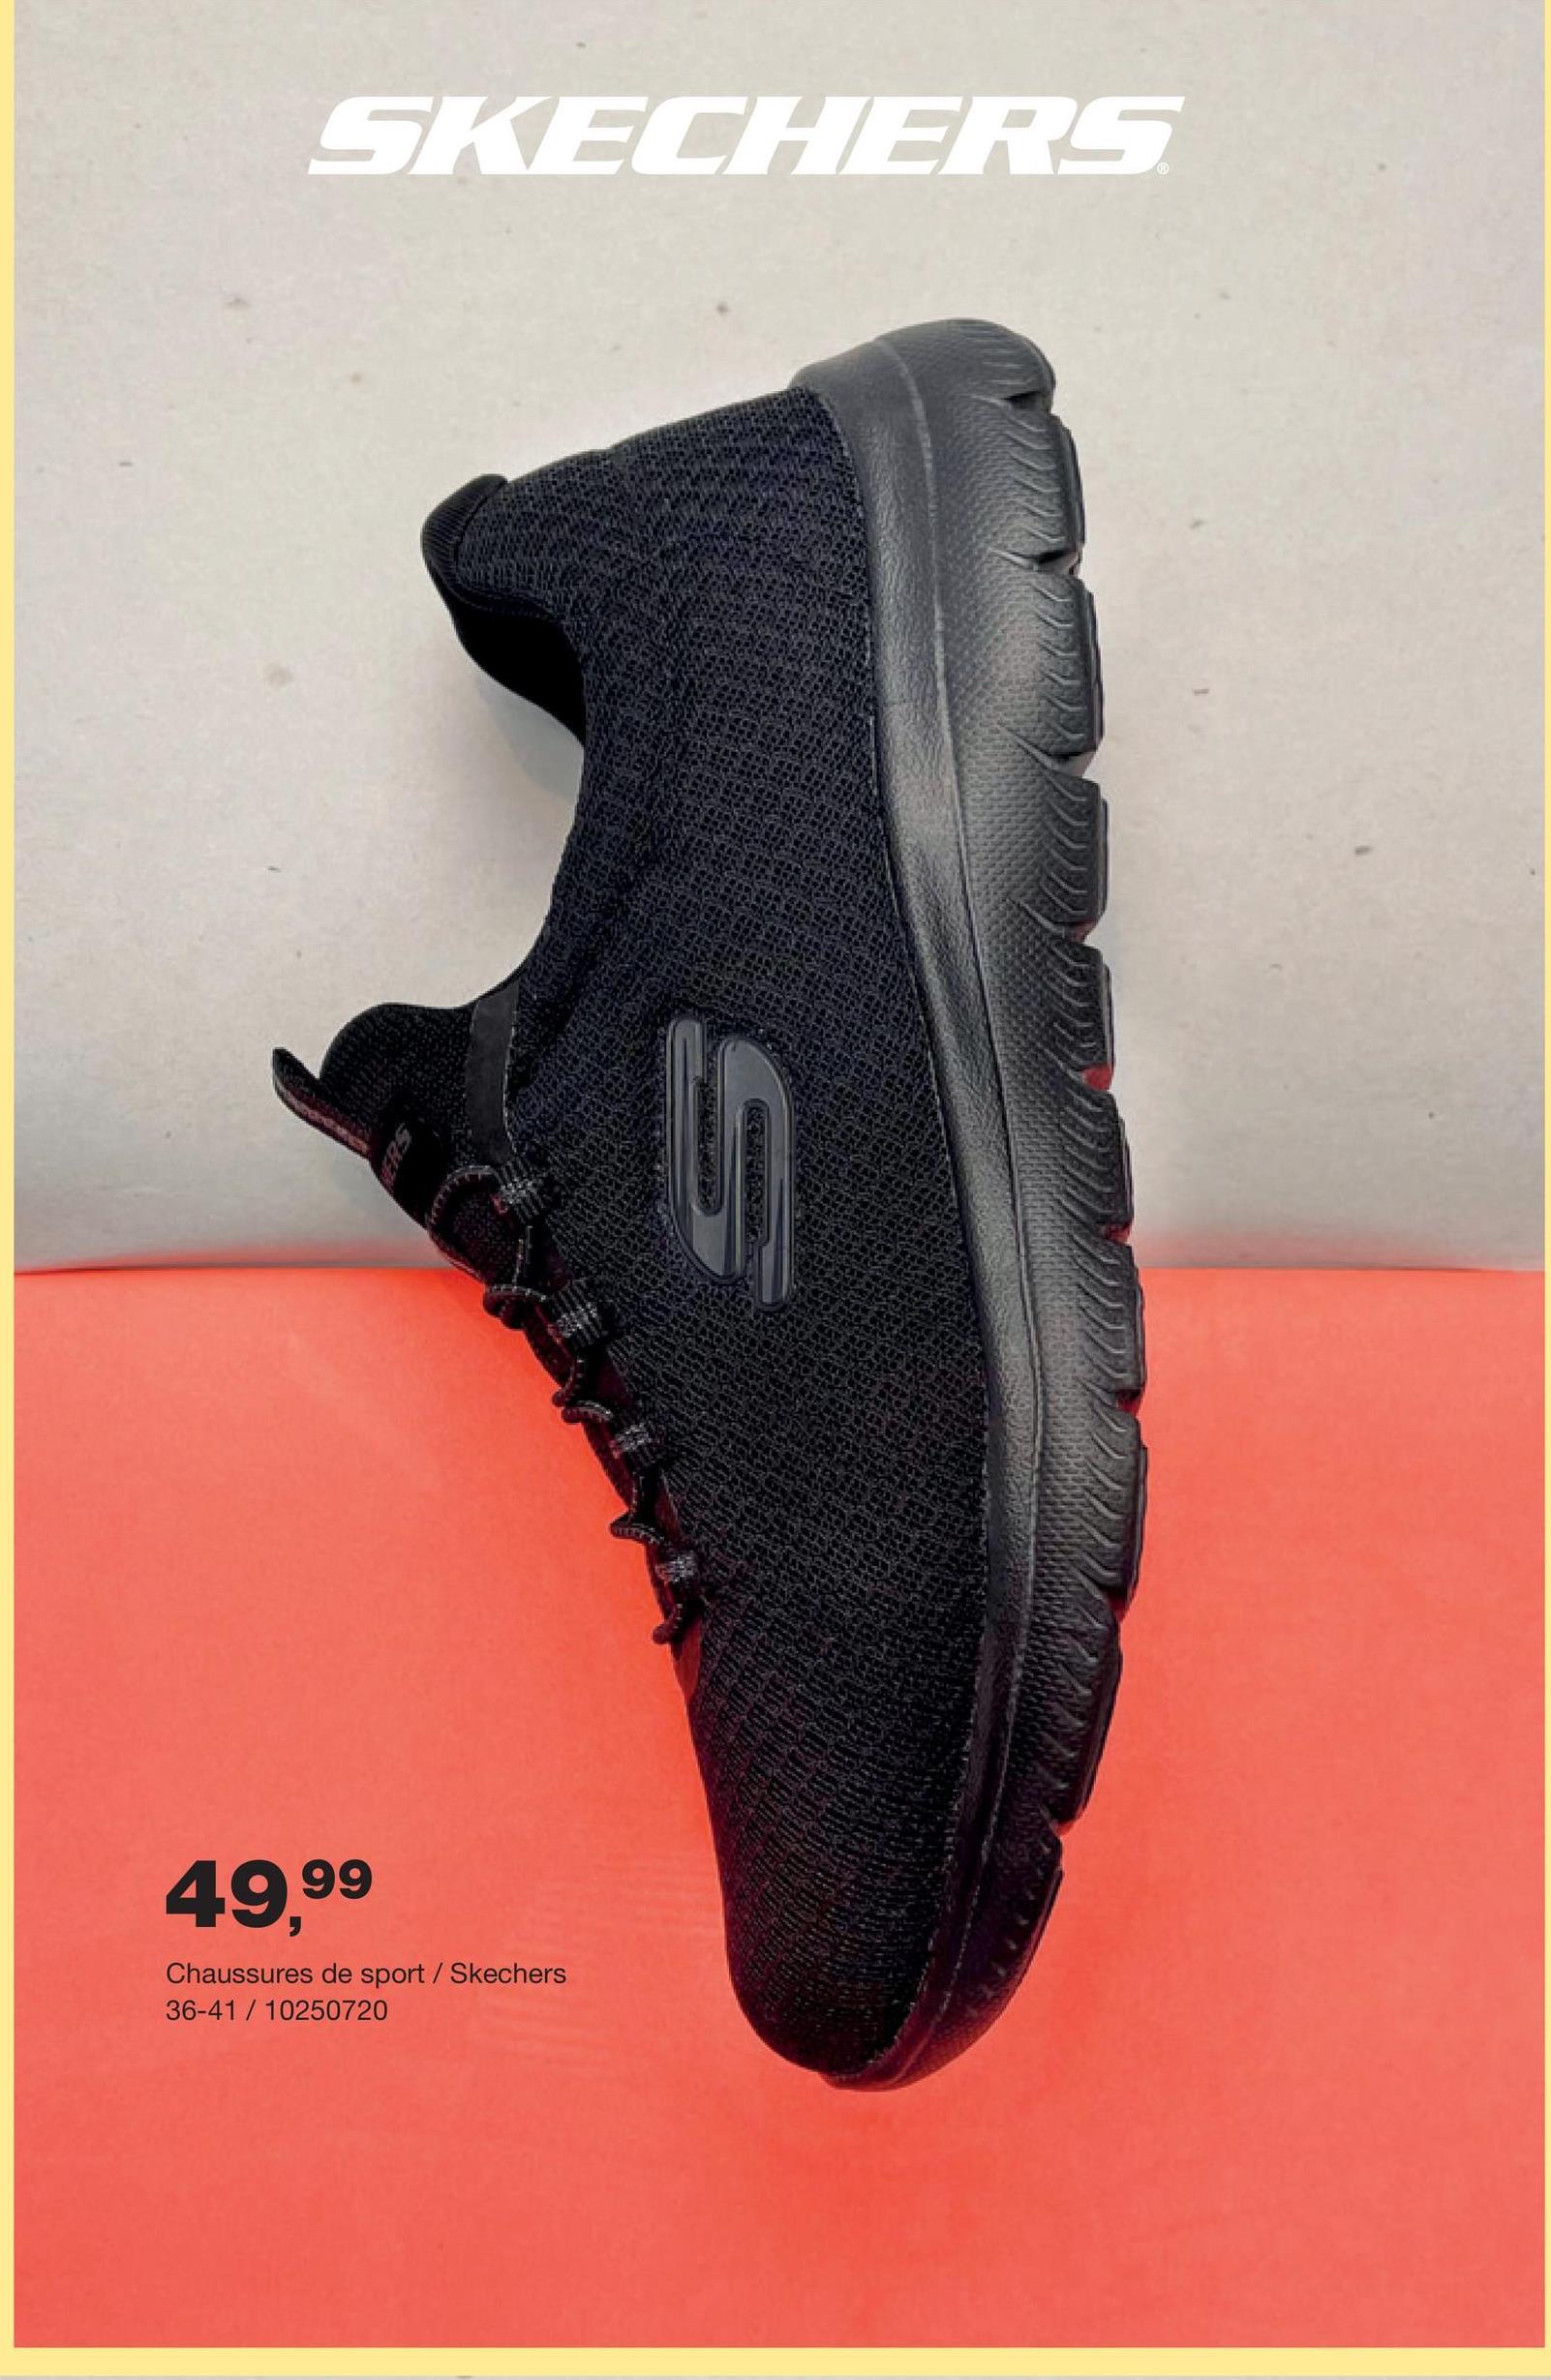 Chaussure de sport Skechers - Noir Fais du sport en style et en tout confort avec ces chaussures de sport sobres en noir pourvues de memory foam confortable pour femmes de la marque de sport Asics.